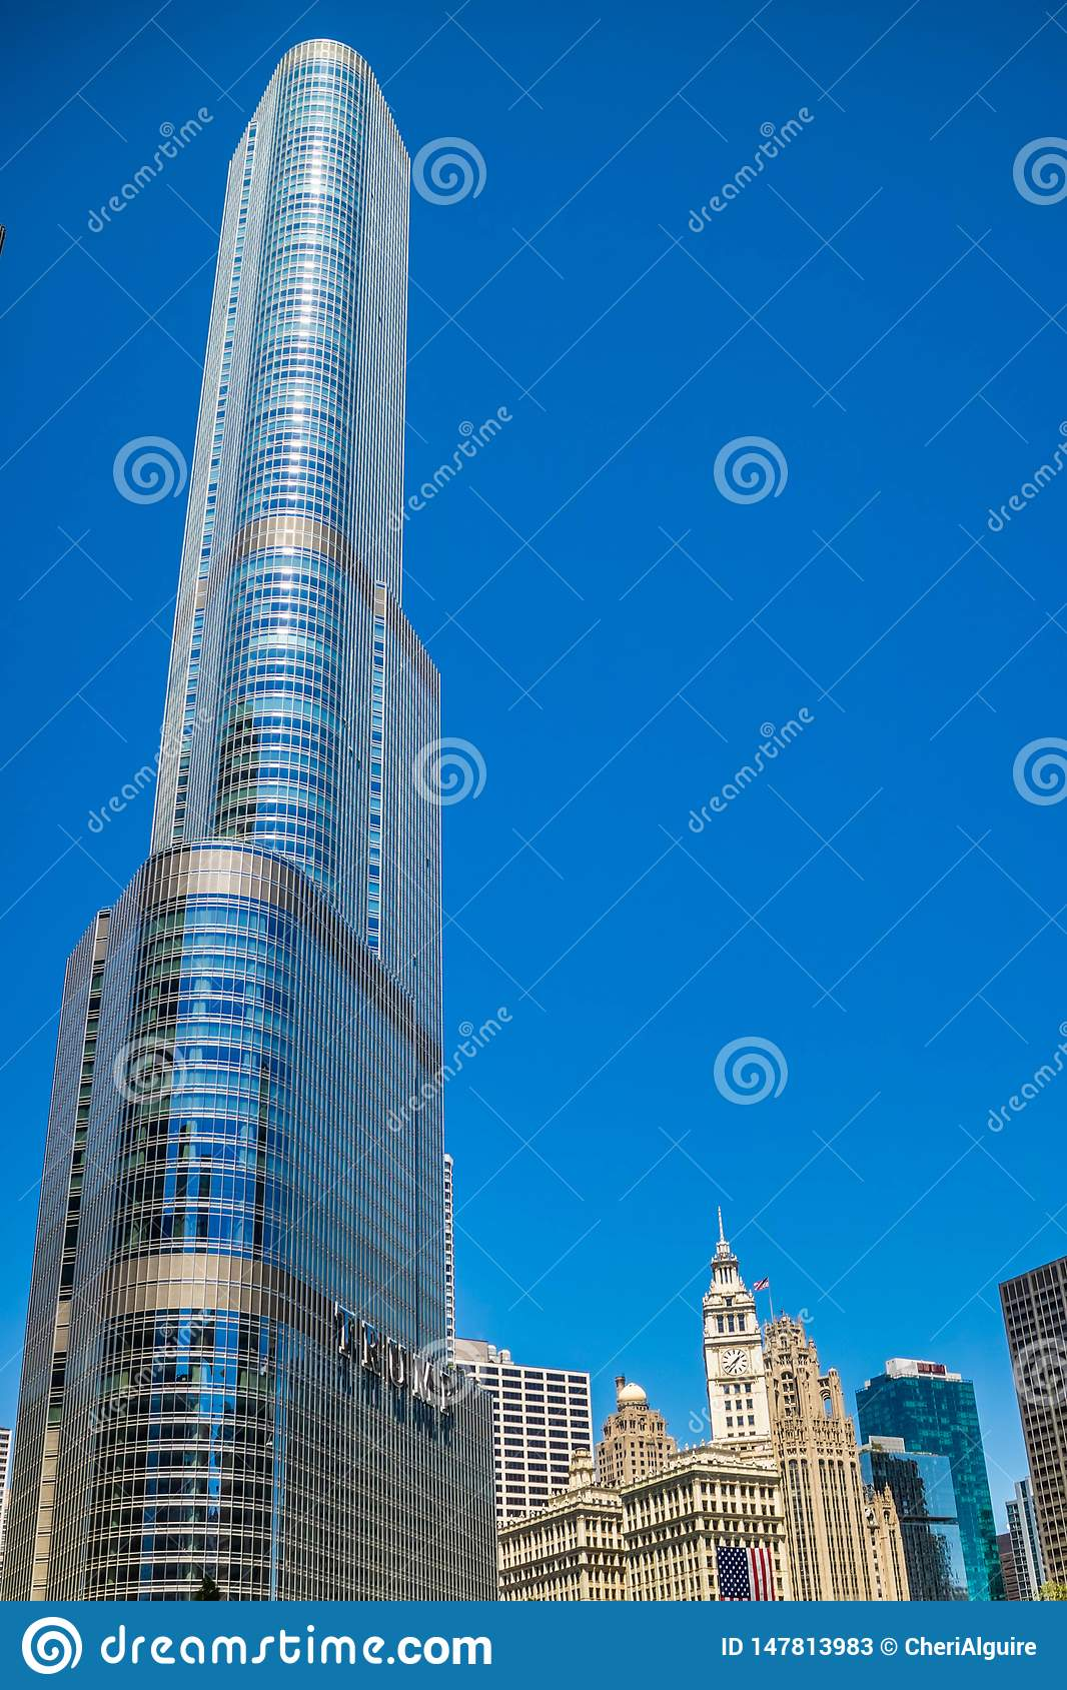 Een reusachtig wolkenkrabbergebouw in Chicago, Illinois